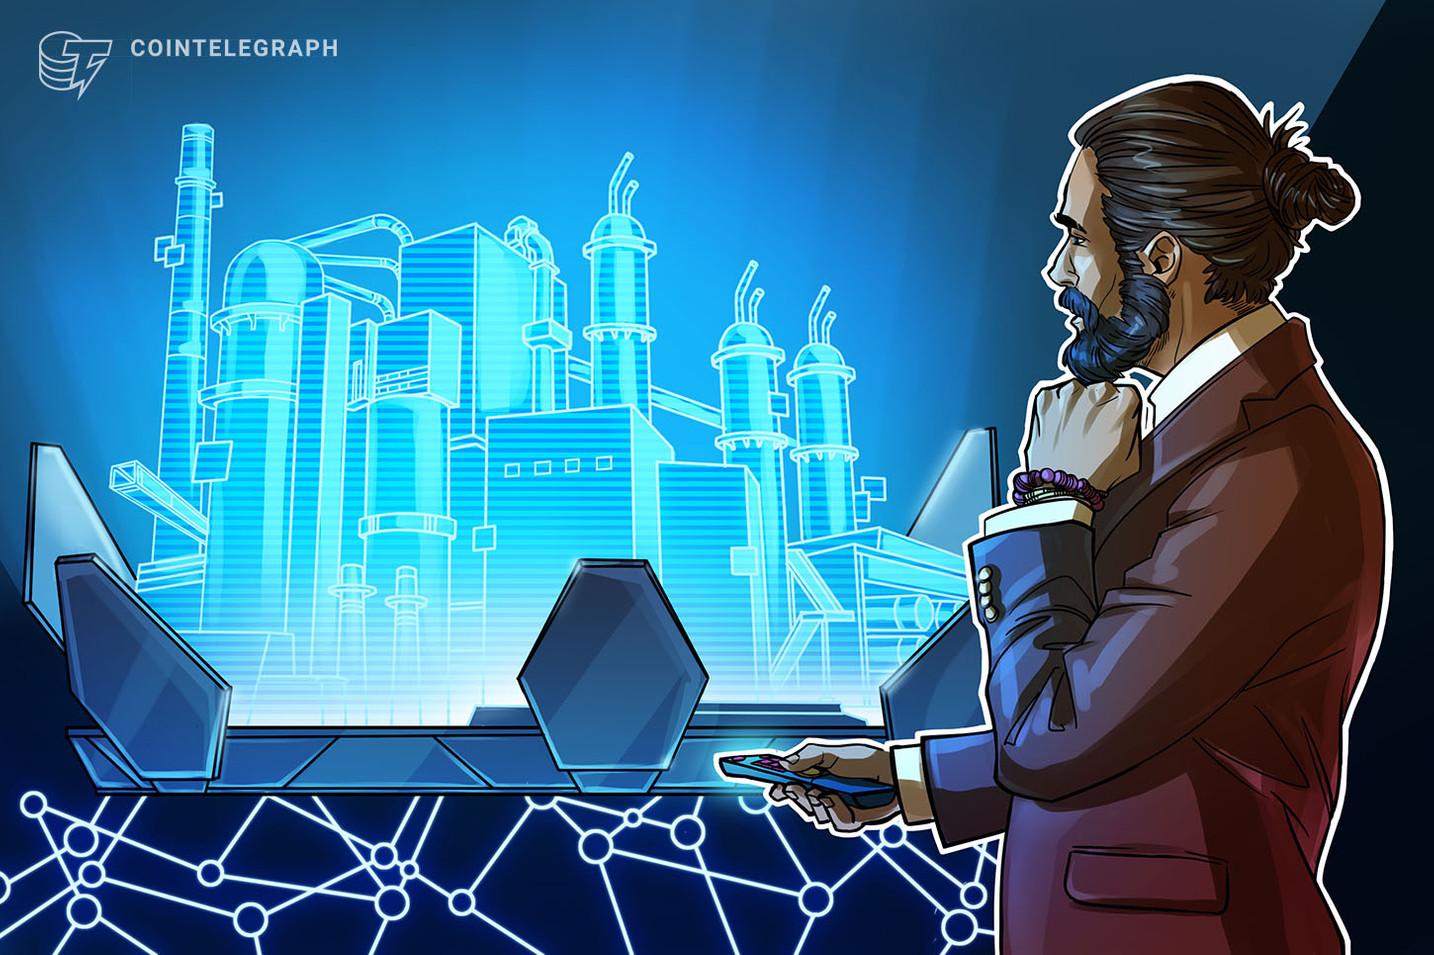 CHESS ile Rekabet Edecek Yeni Bir Blockchain Platformu Tasarlanıyor